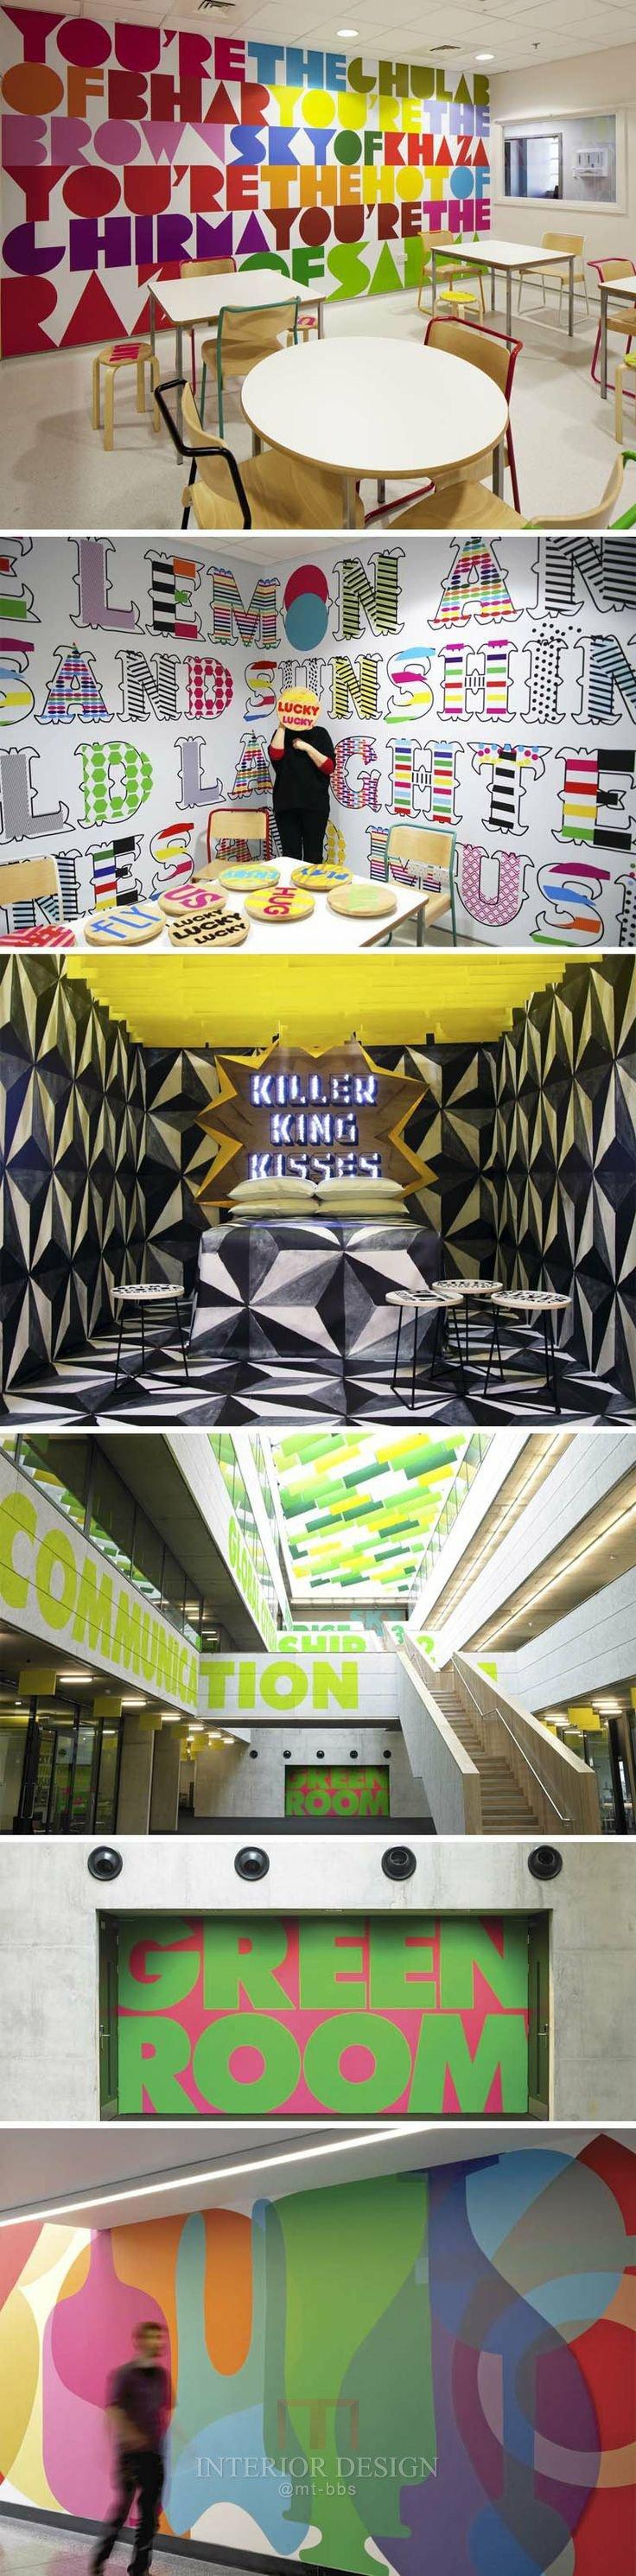 创意电梯厅、过道、轿厢概念收集整理_7684796298bdb9441606828e7ddf245d.jpg